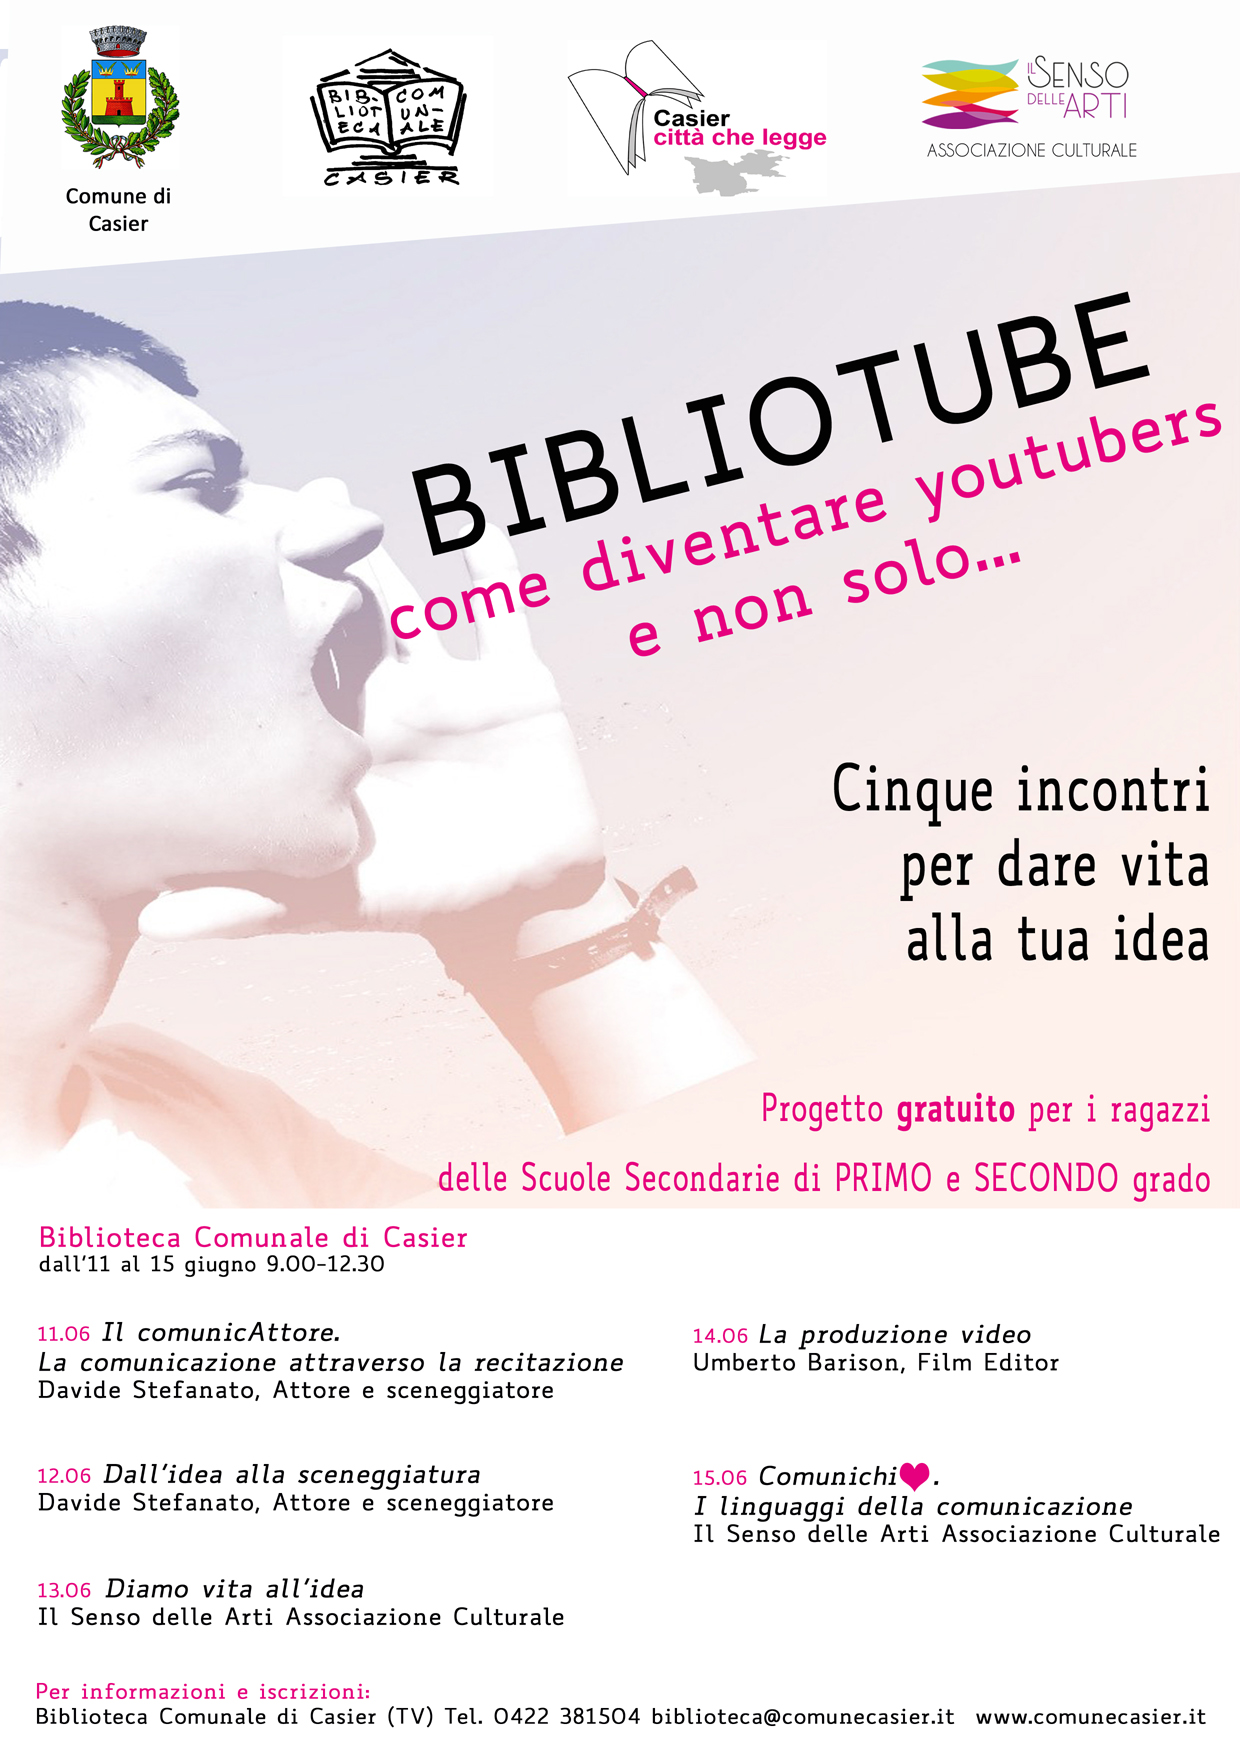 BIBLIOTUBE. Come diventare youtubers e non solo